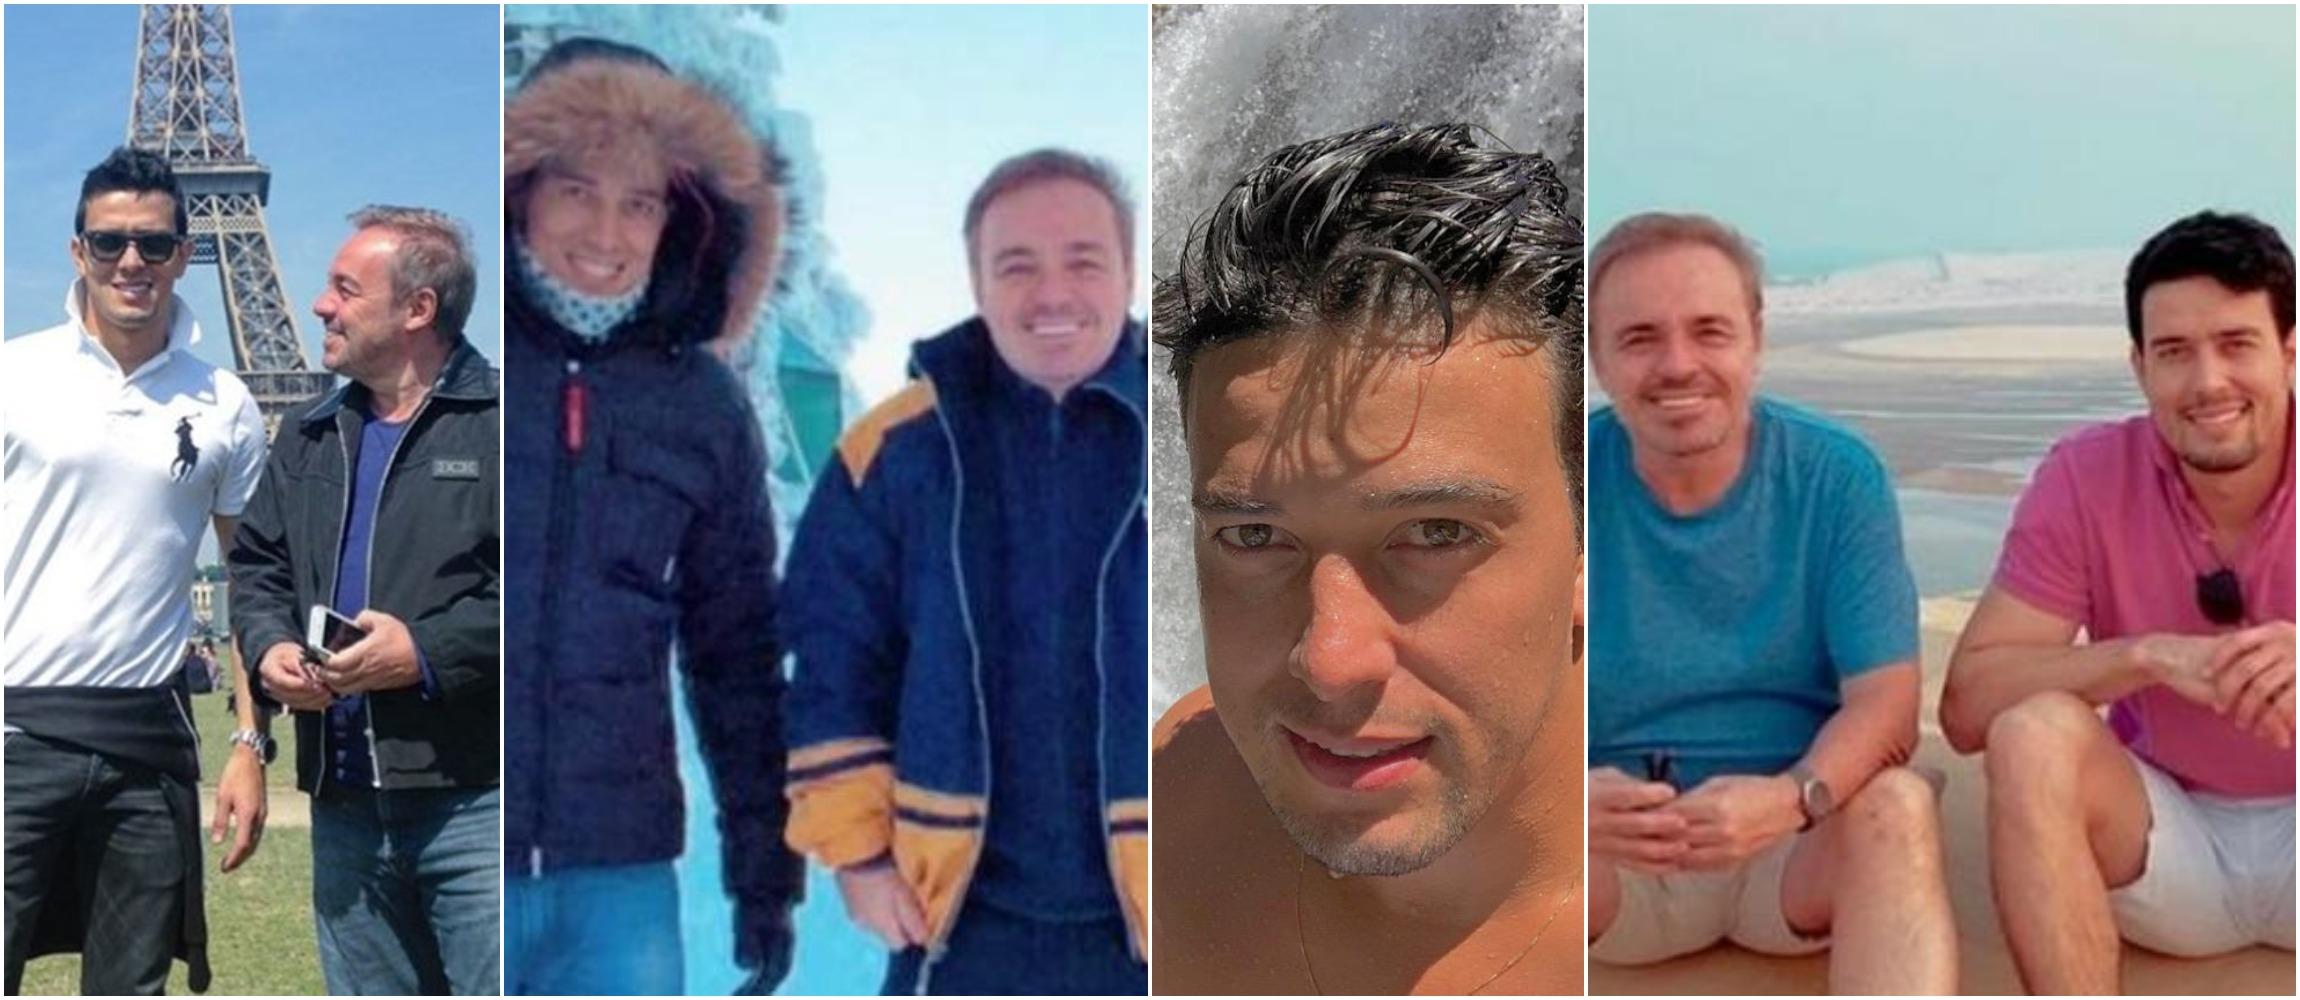 Thiago Salvático em fotos ao lado de Gugu por viagens ao redor do mundo (Reprodução)